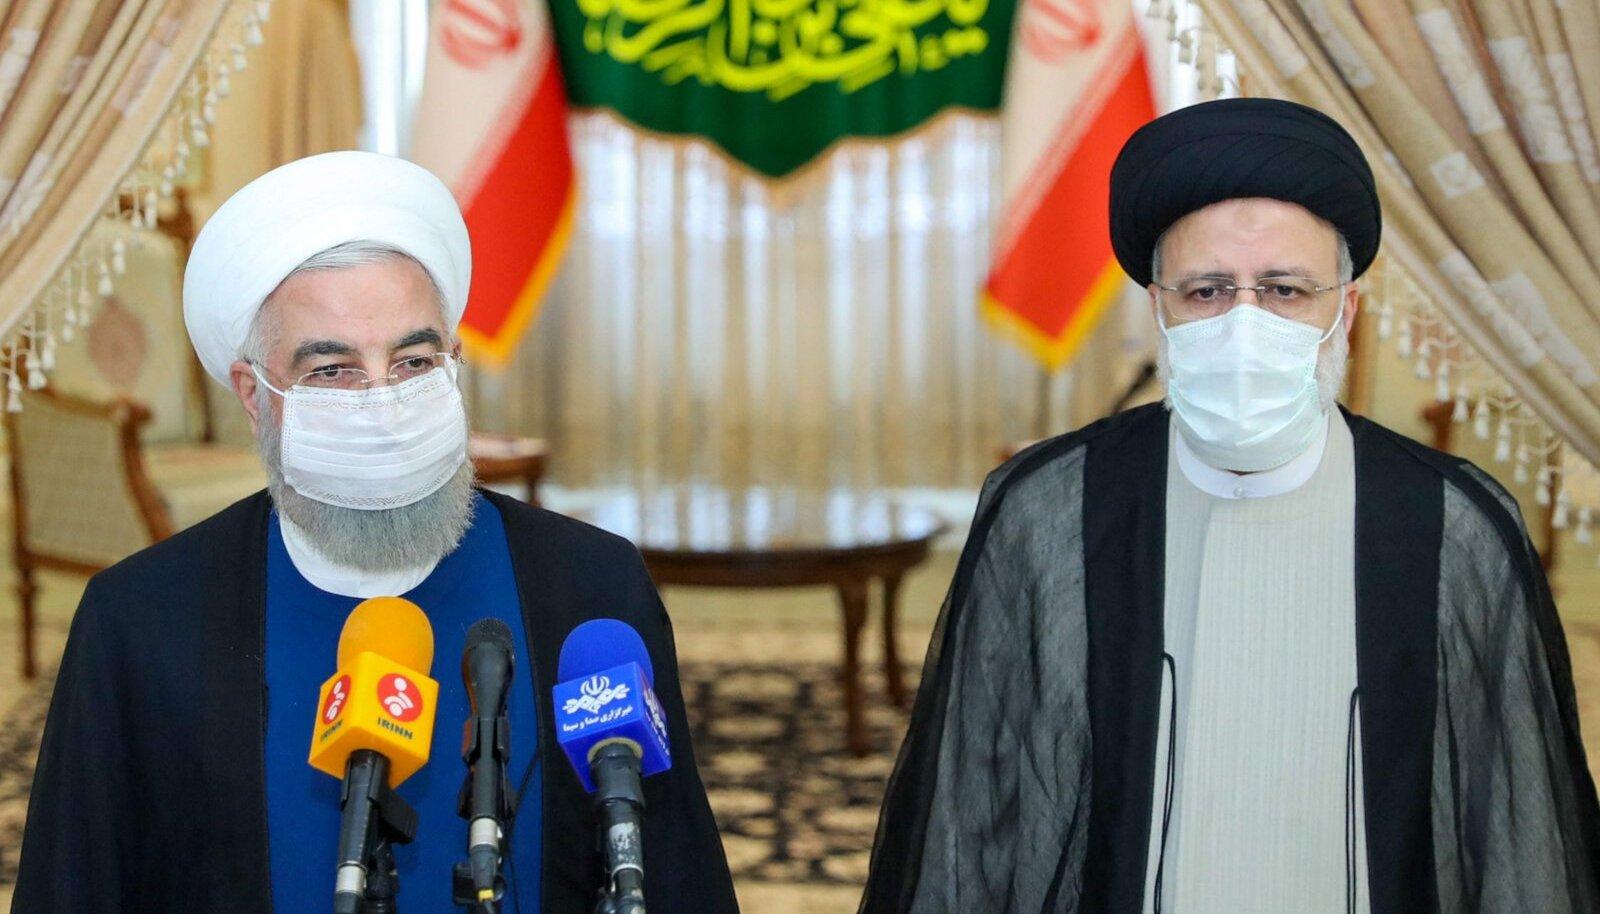 Iraani senine riigipea Hassan Rouhani (vasakul) ja uueks presidendiks valitud Ebrahim Raisi täna Teheranis pressikonverentsil.